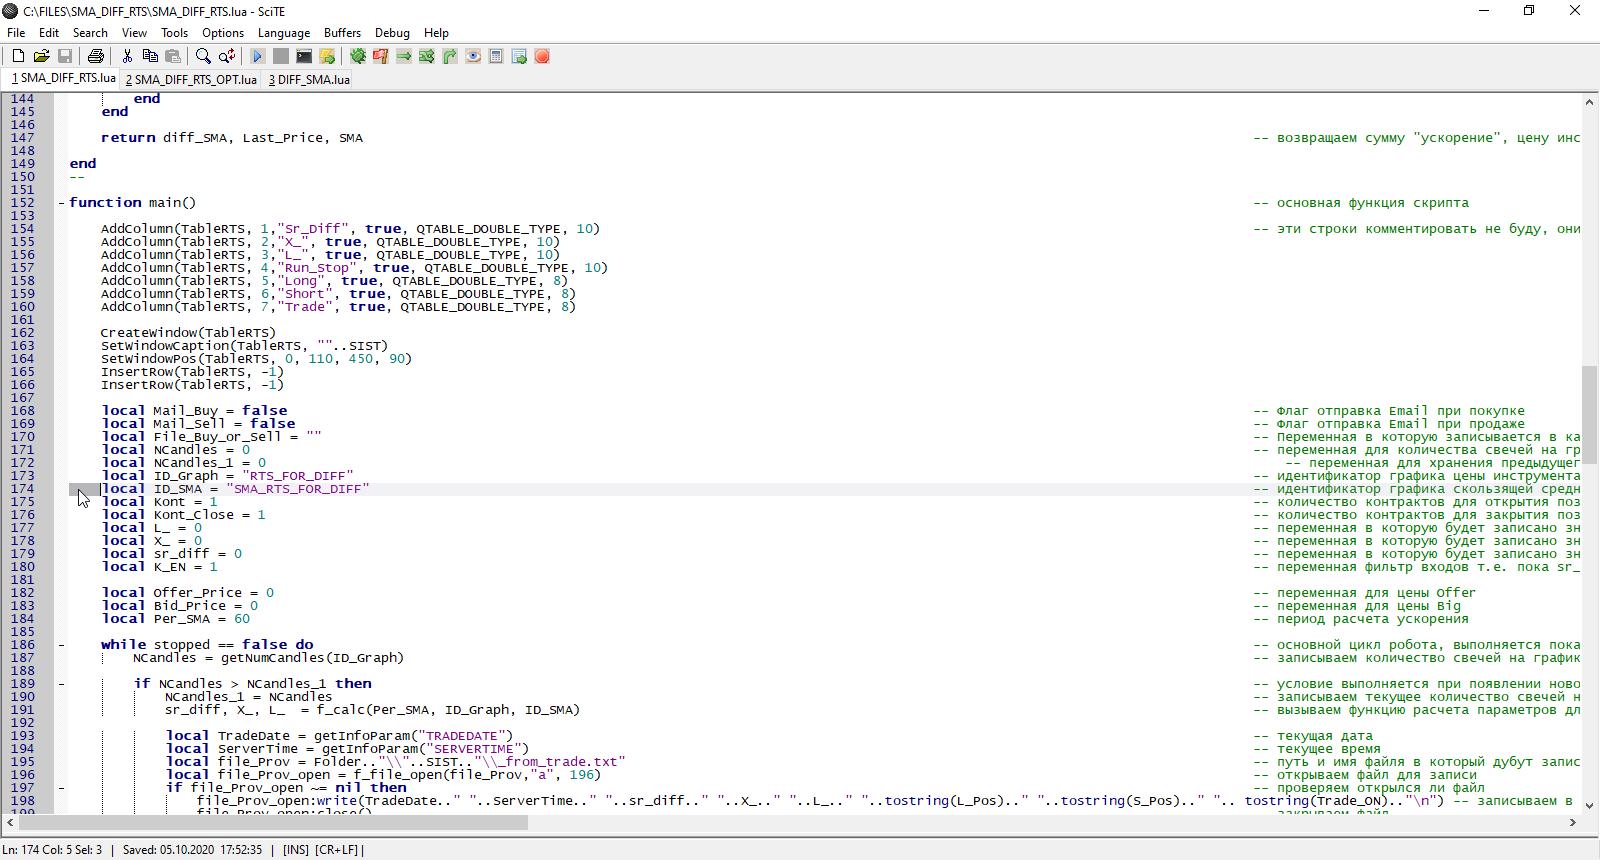 QUIK LUA код идентификатор скользящей средней